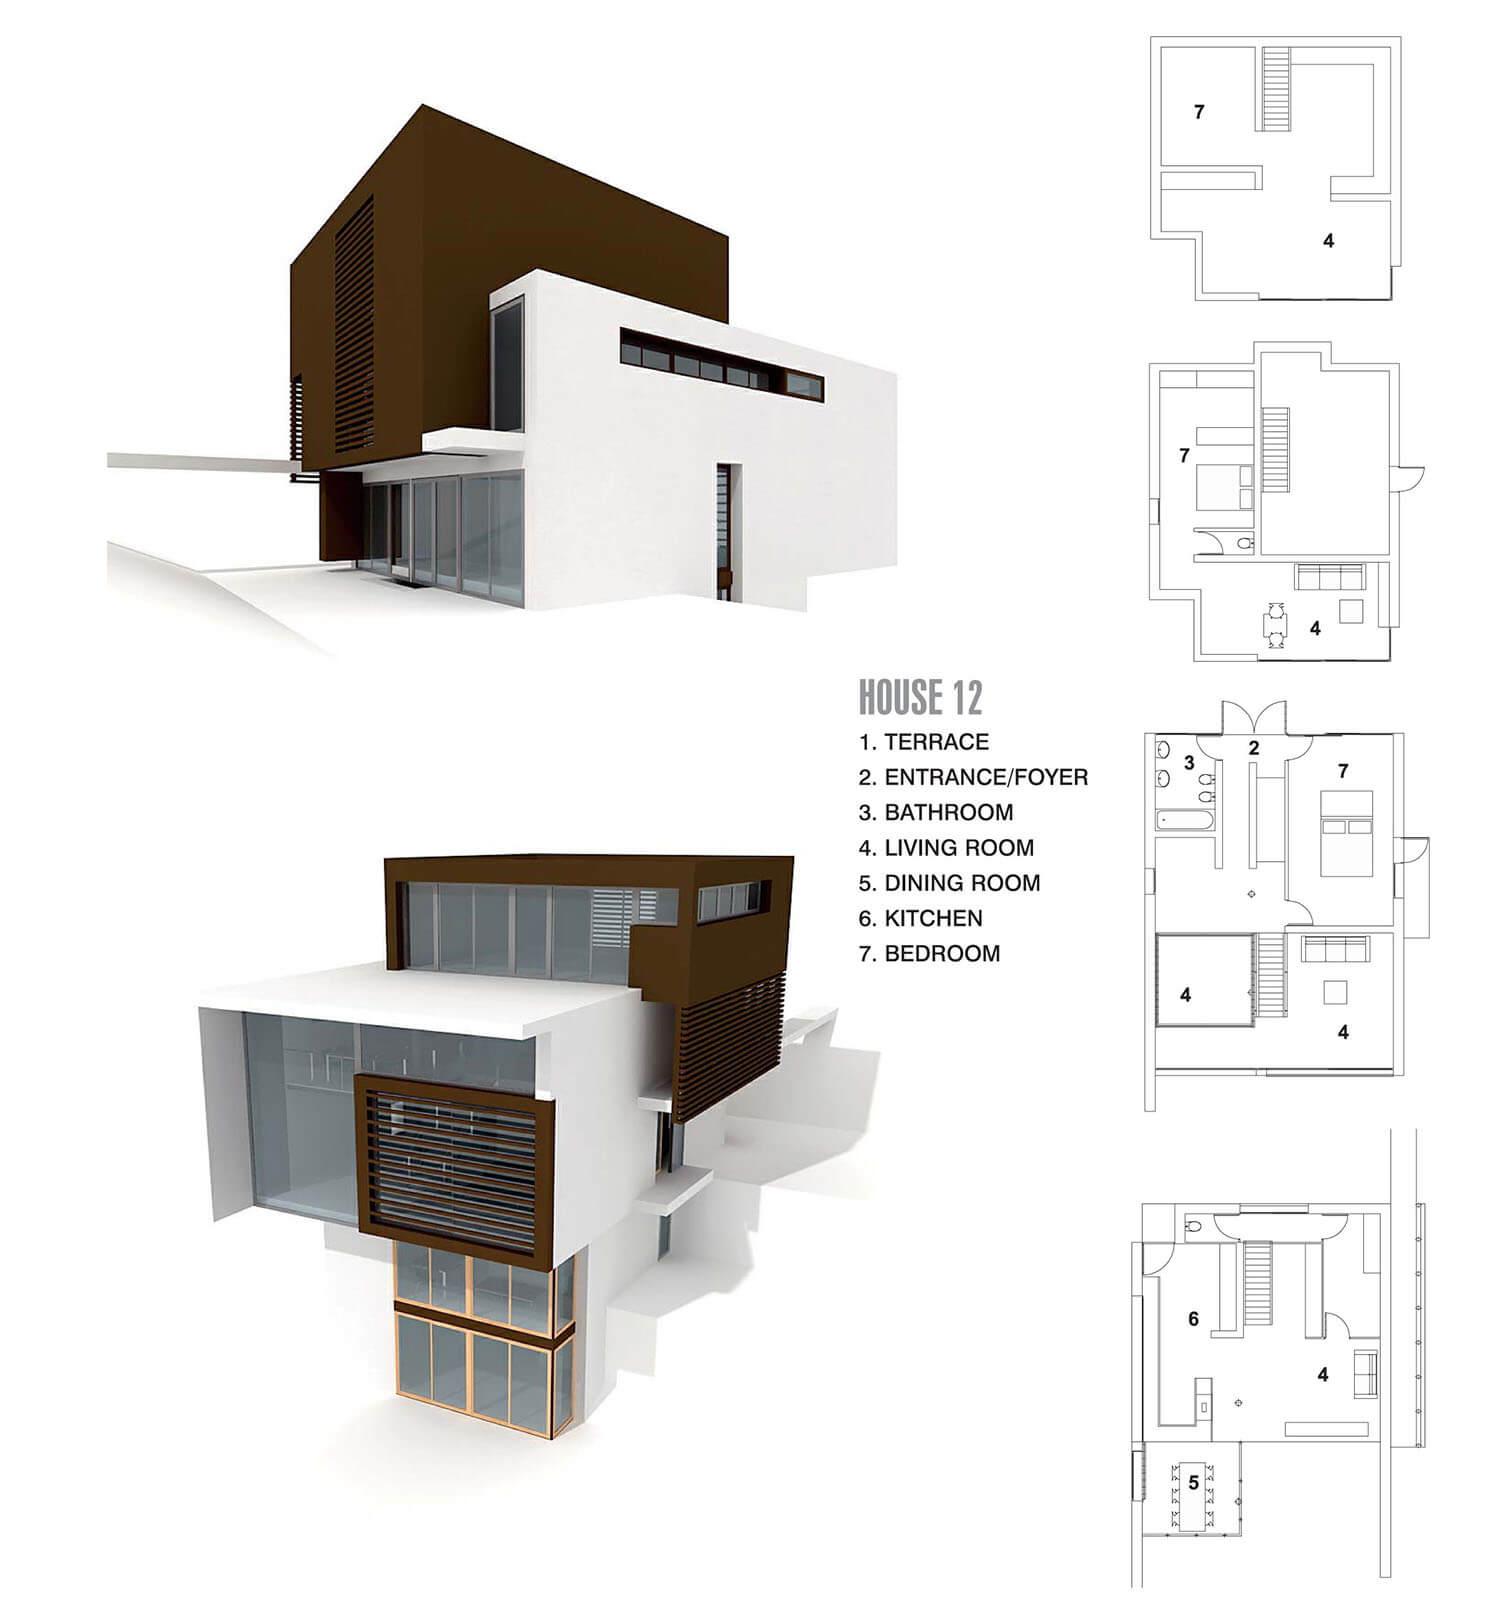 Ngôi nhà hiện đại với 2 khối hình nâu và trắng kết hợp